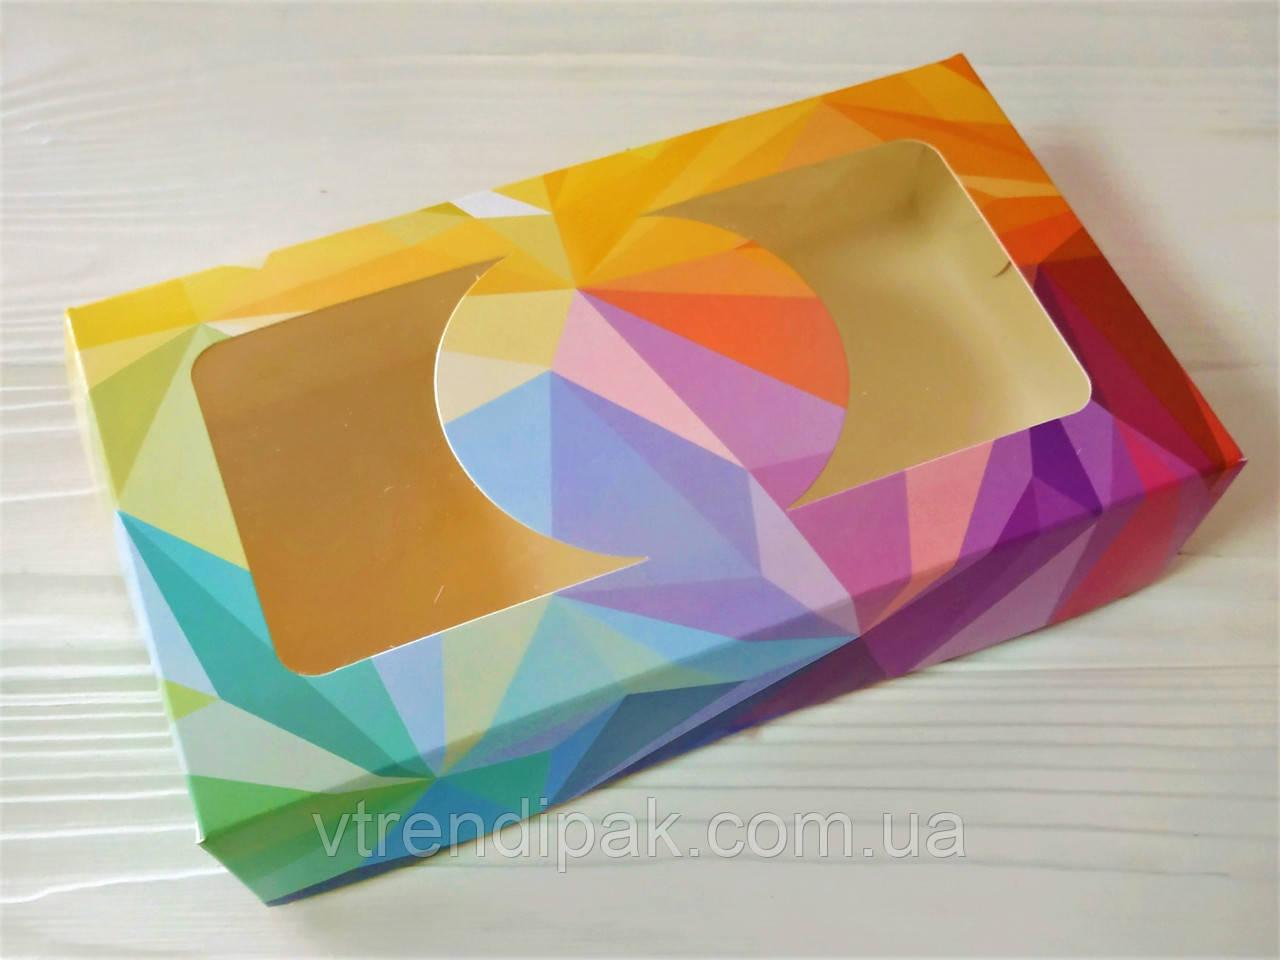 """Коробка """"МОЗАЇКА"""" для  зефіру, десертів, тістечок, еклерів 200*115*50 з мелов.картону з вікном ПВХ-плівка"""